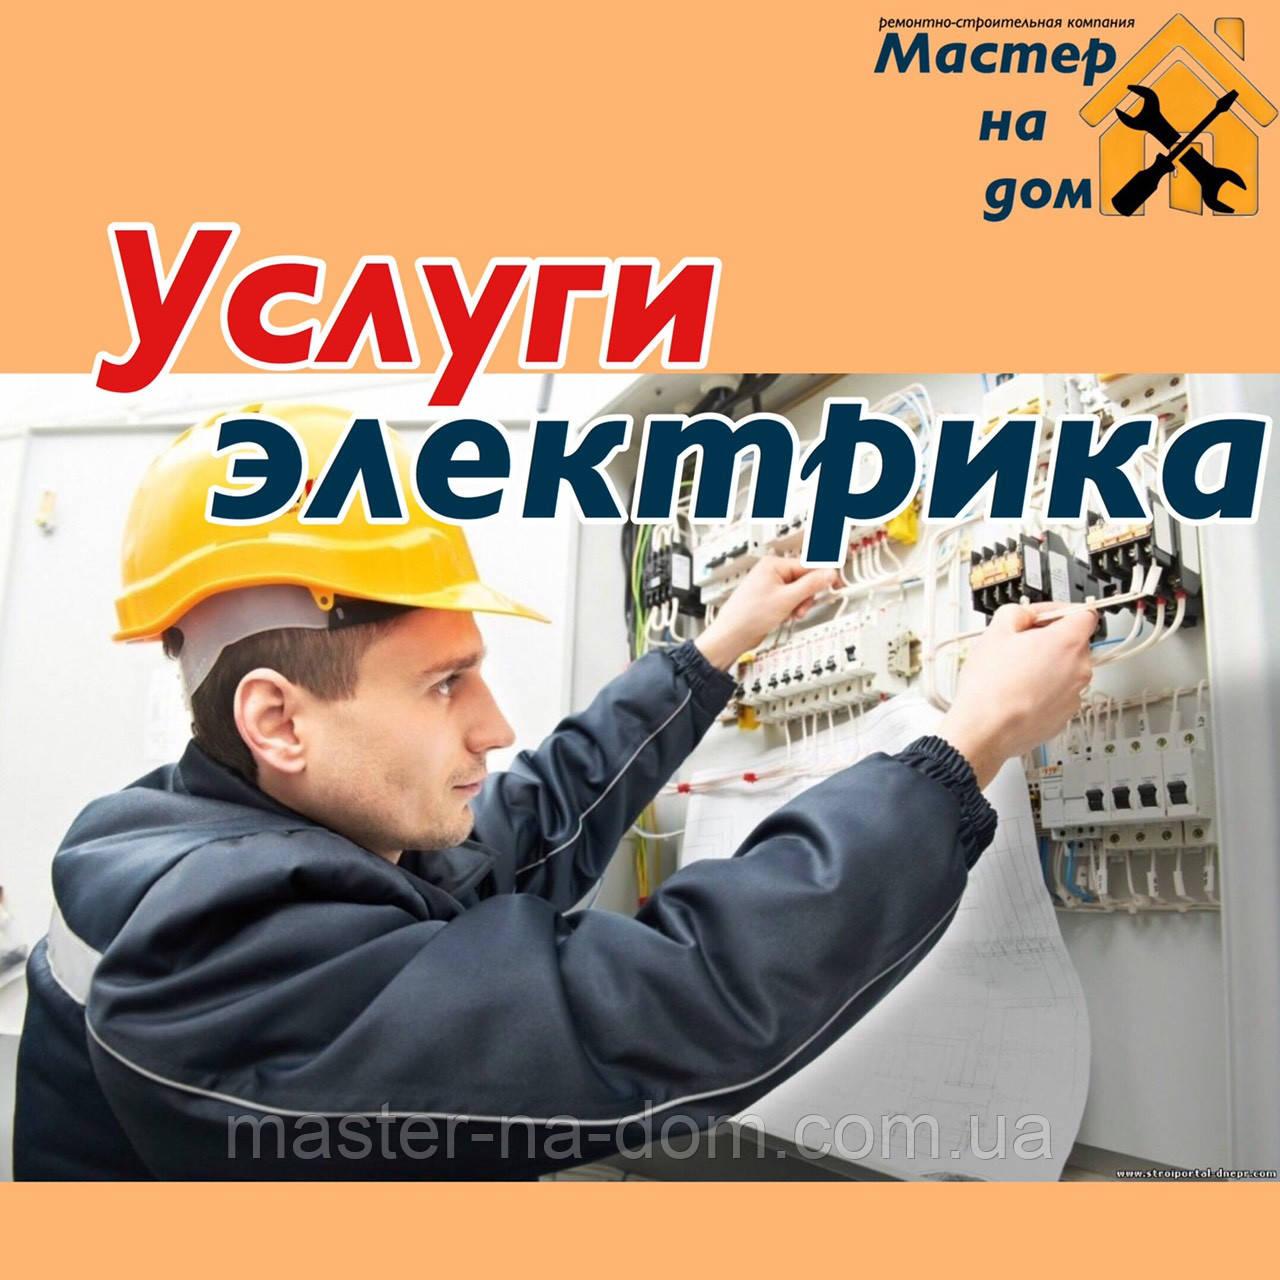 Услуги электрика в Ужгороде